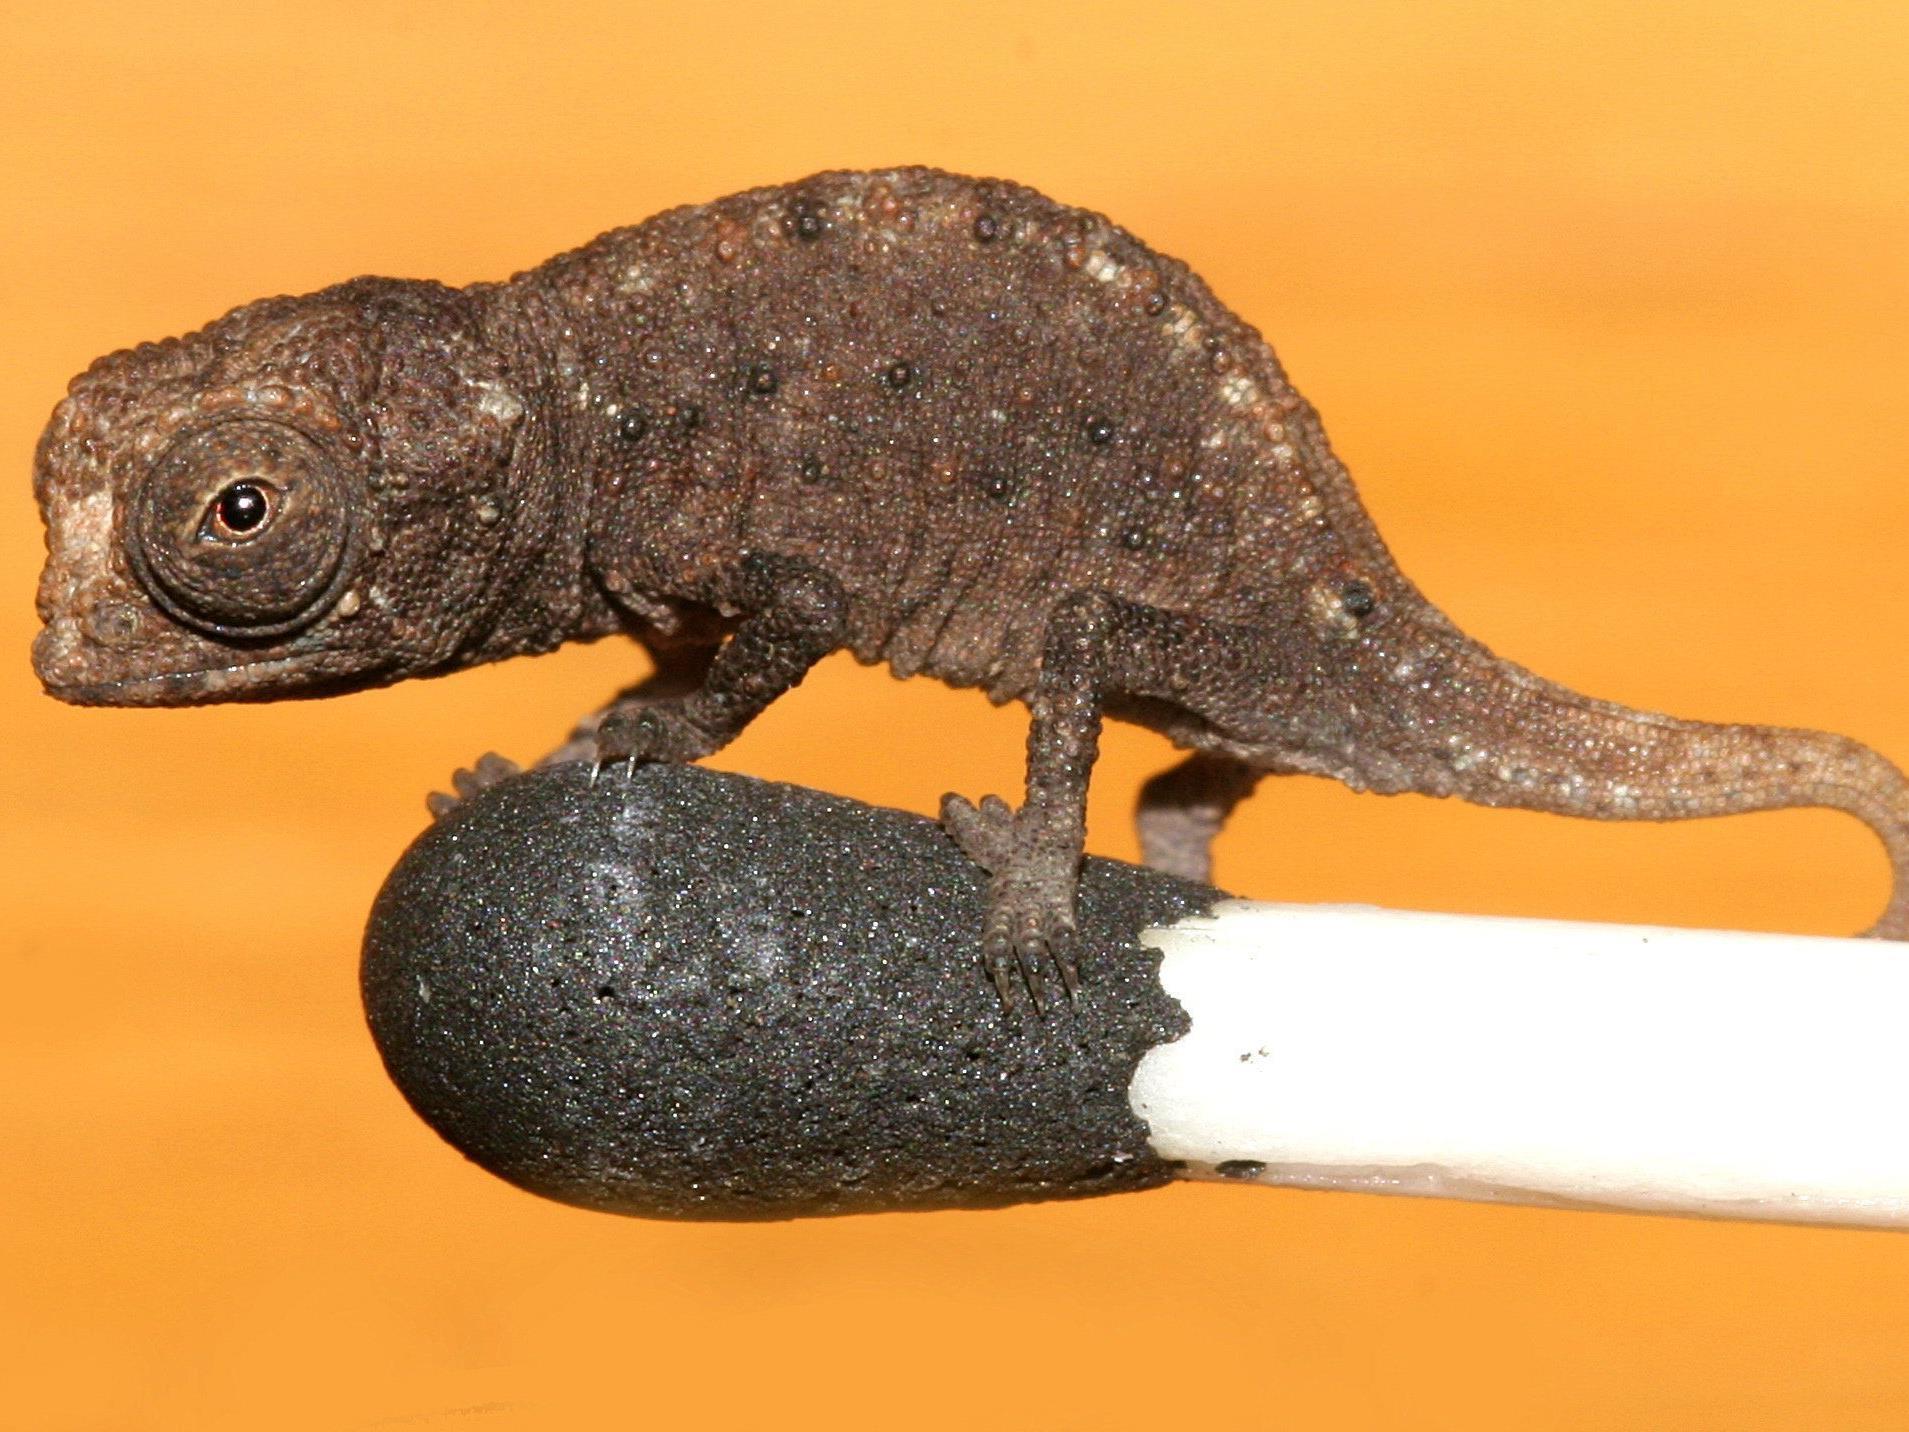 Reptilien können auf Streichhölzern balancieren.